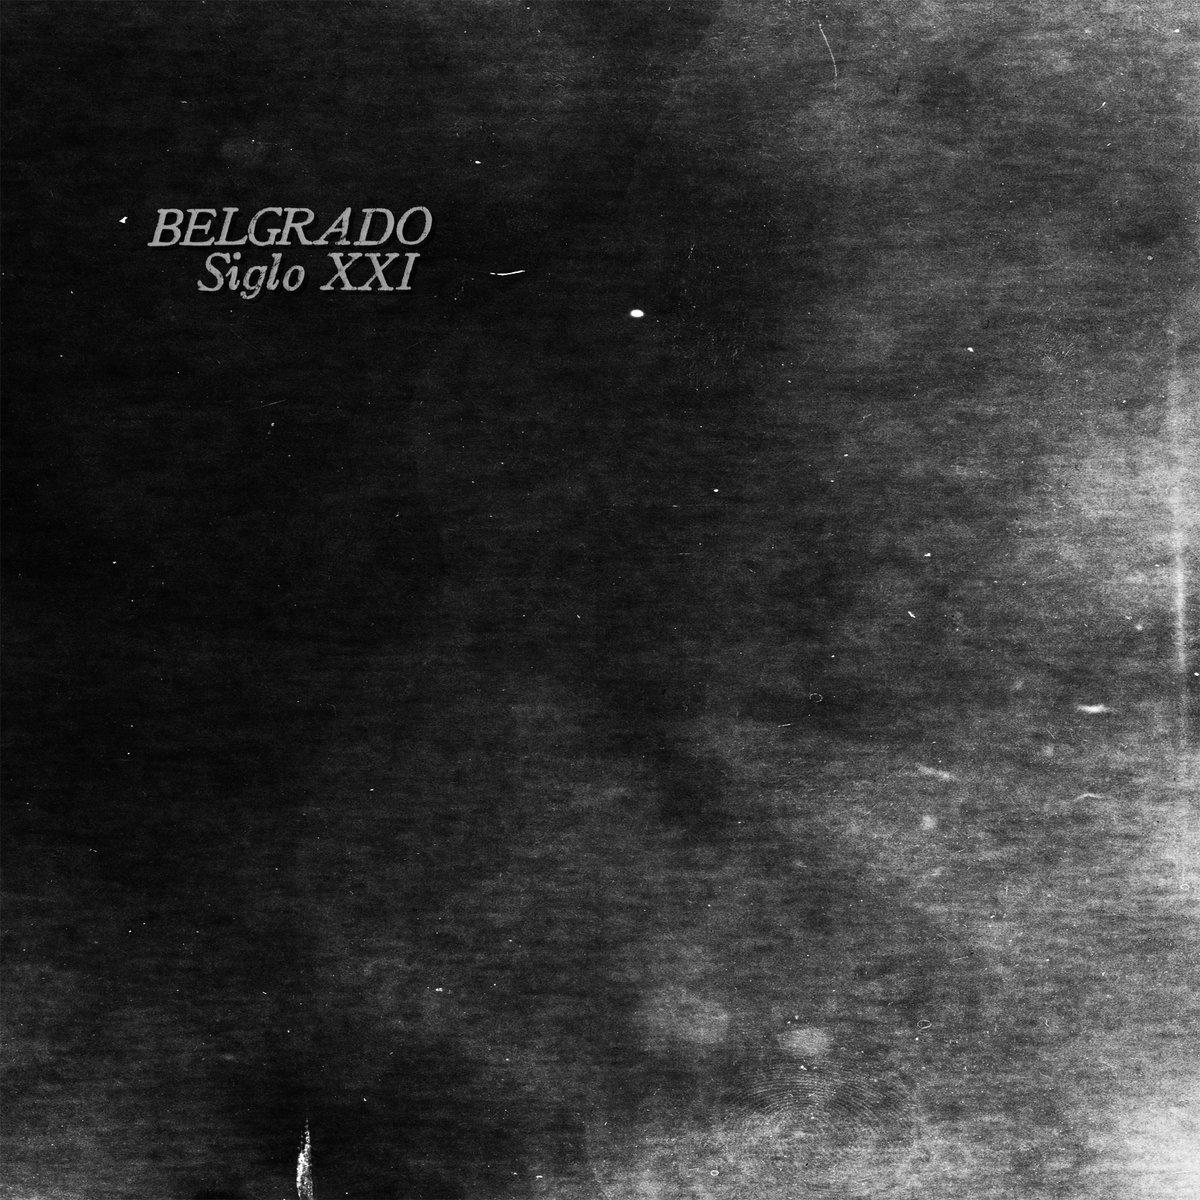 Siglo xxi lp la vida es un mus discos by belgrado stopboris Choice Image